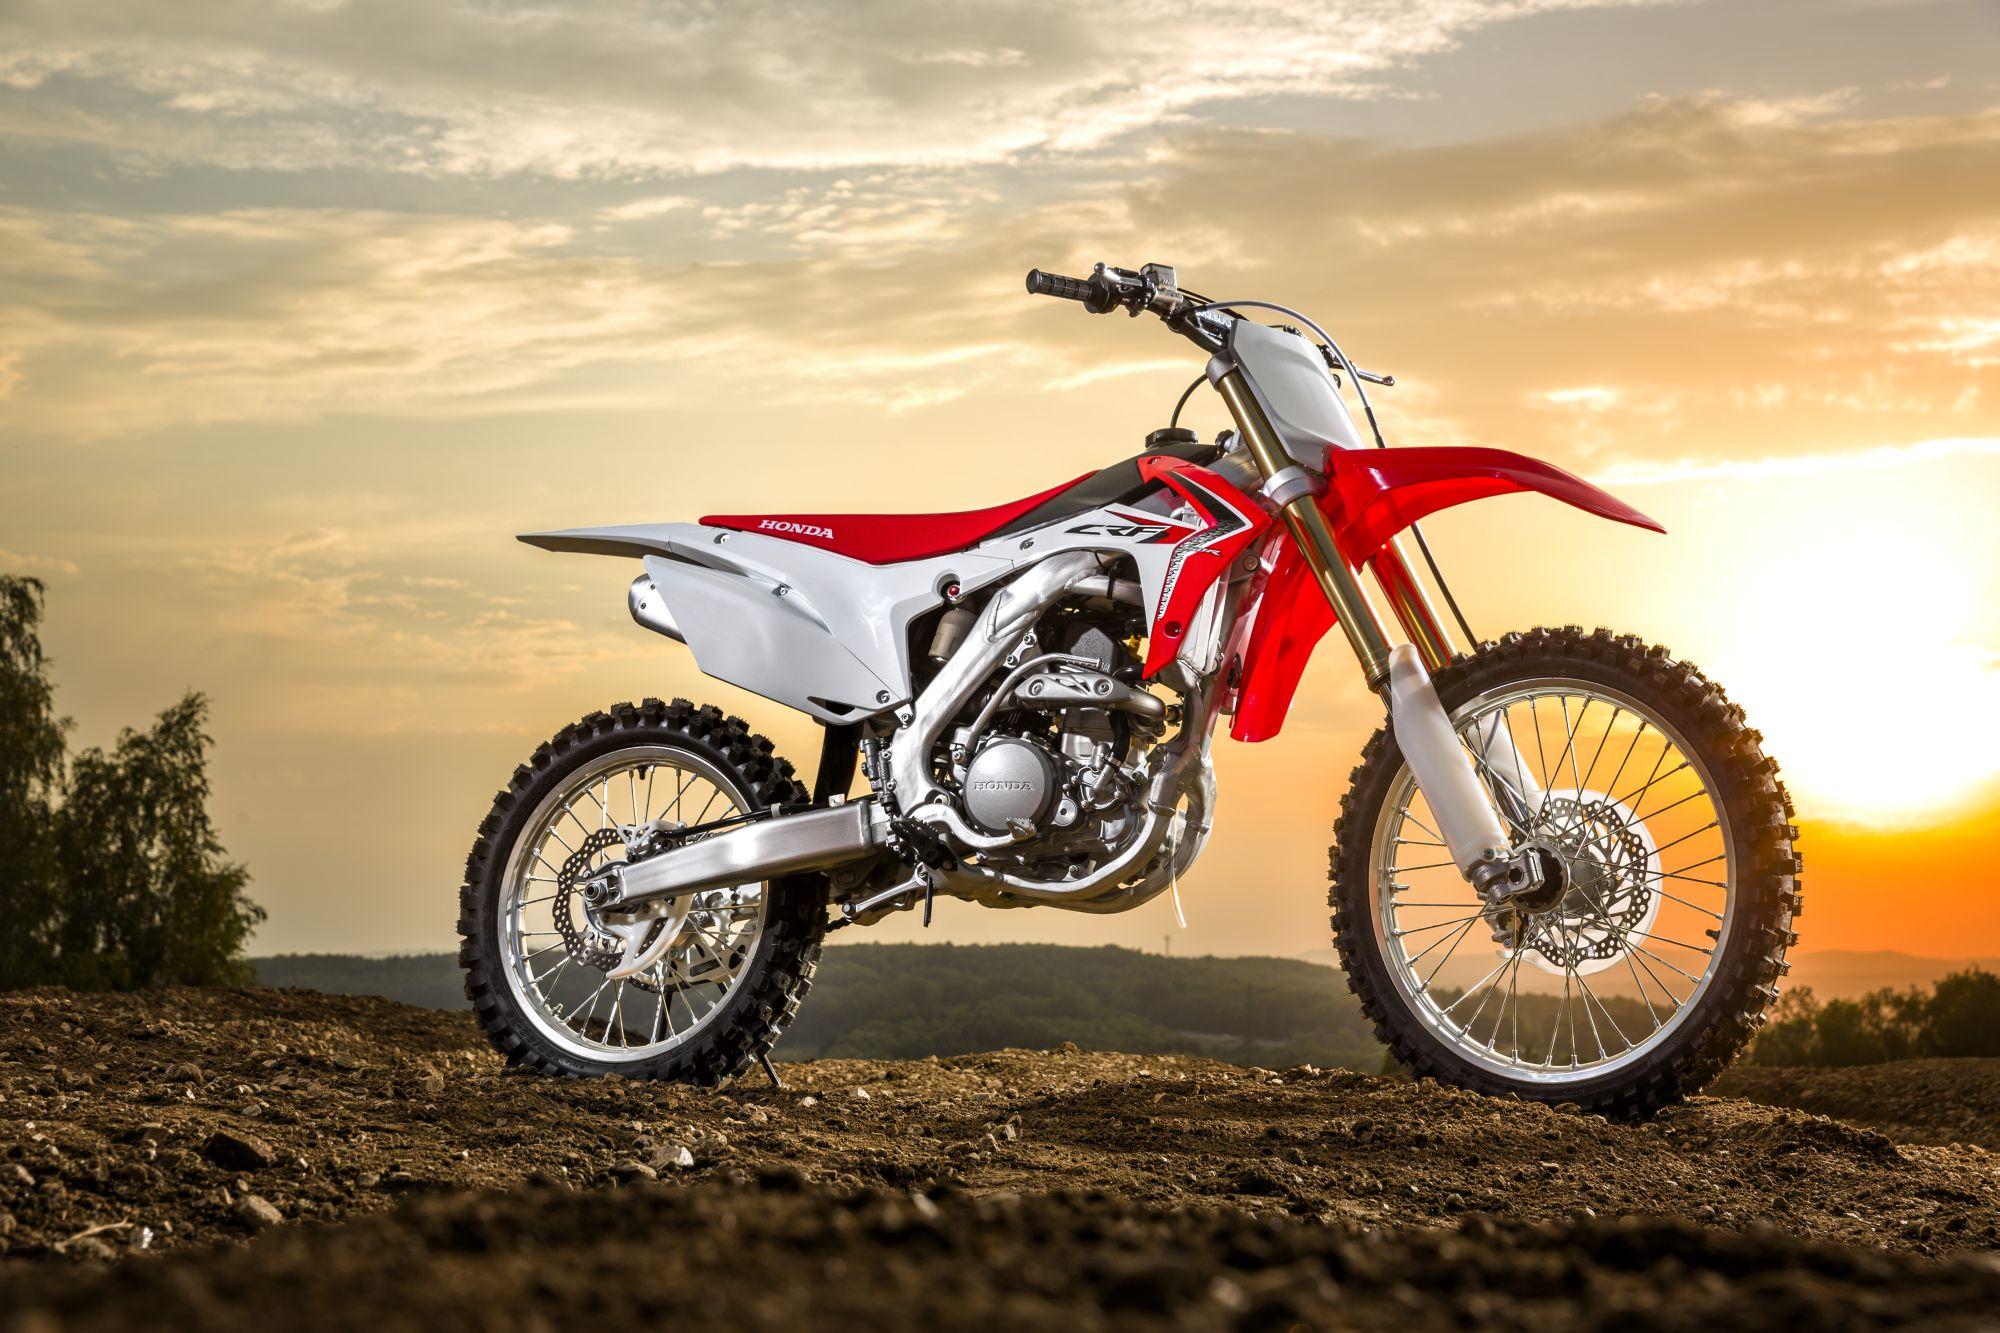 Honda Crf 250 R Bilder Und Technische Daten